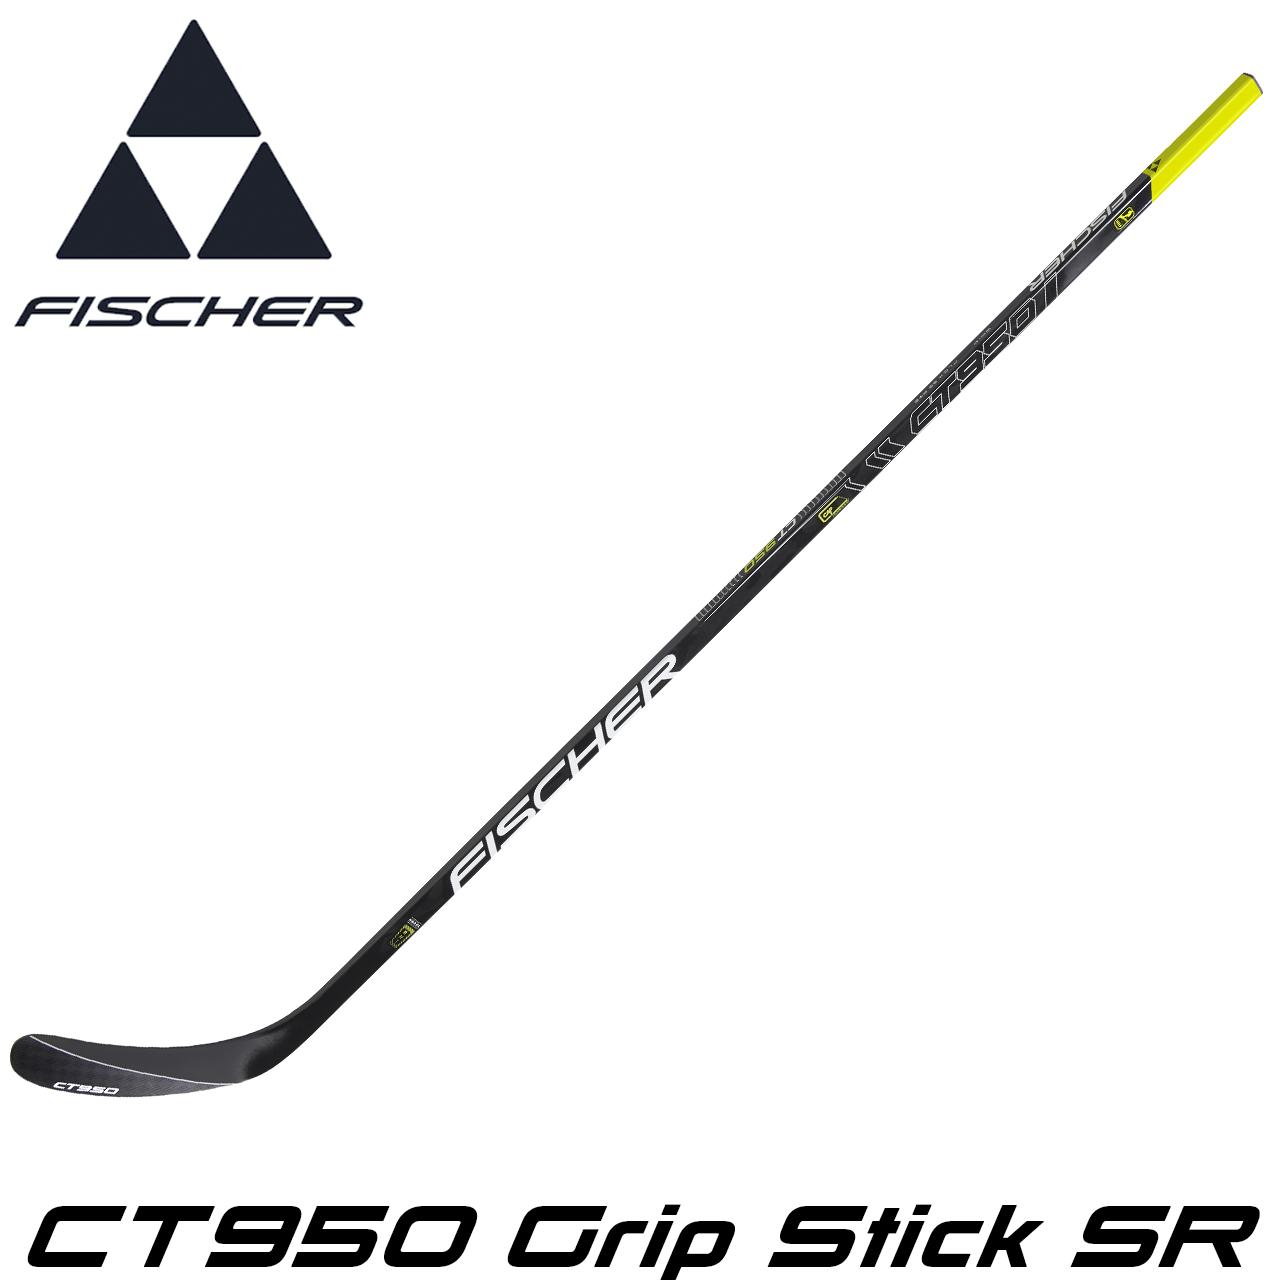 Хокейна ключка FISCHER CT950 Grip Stick SR